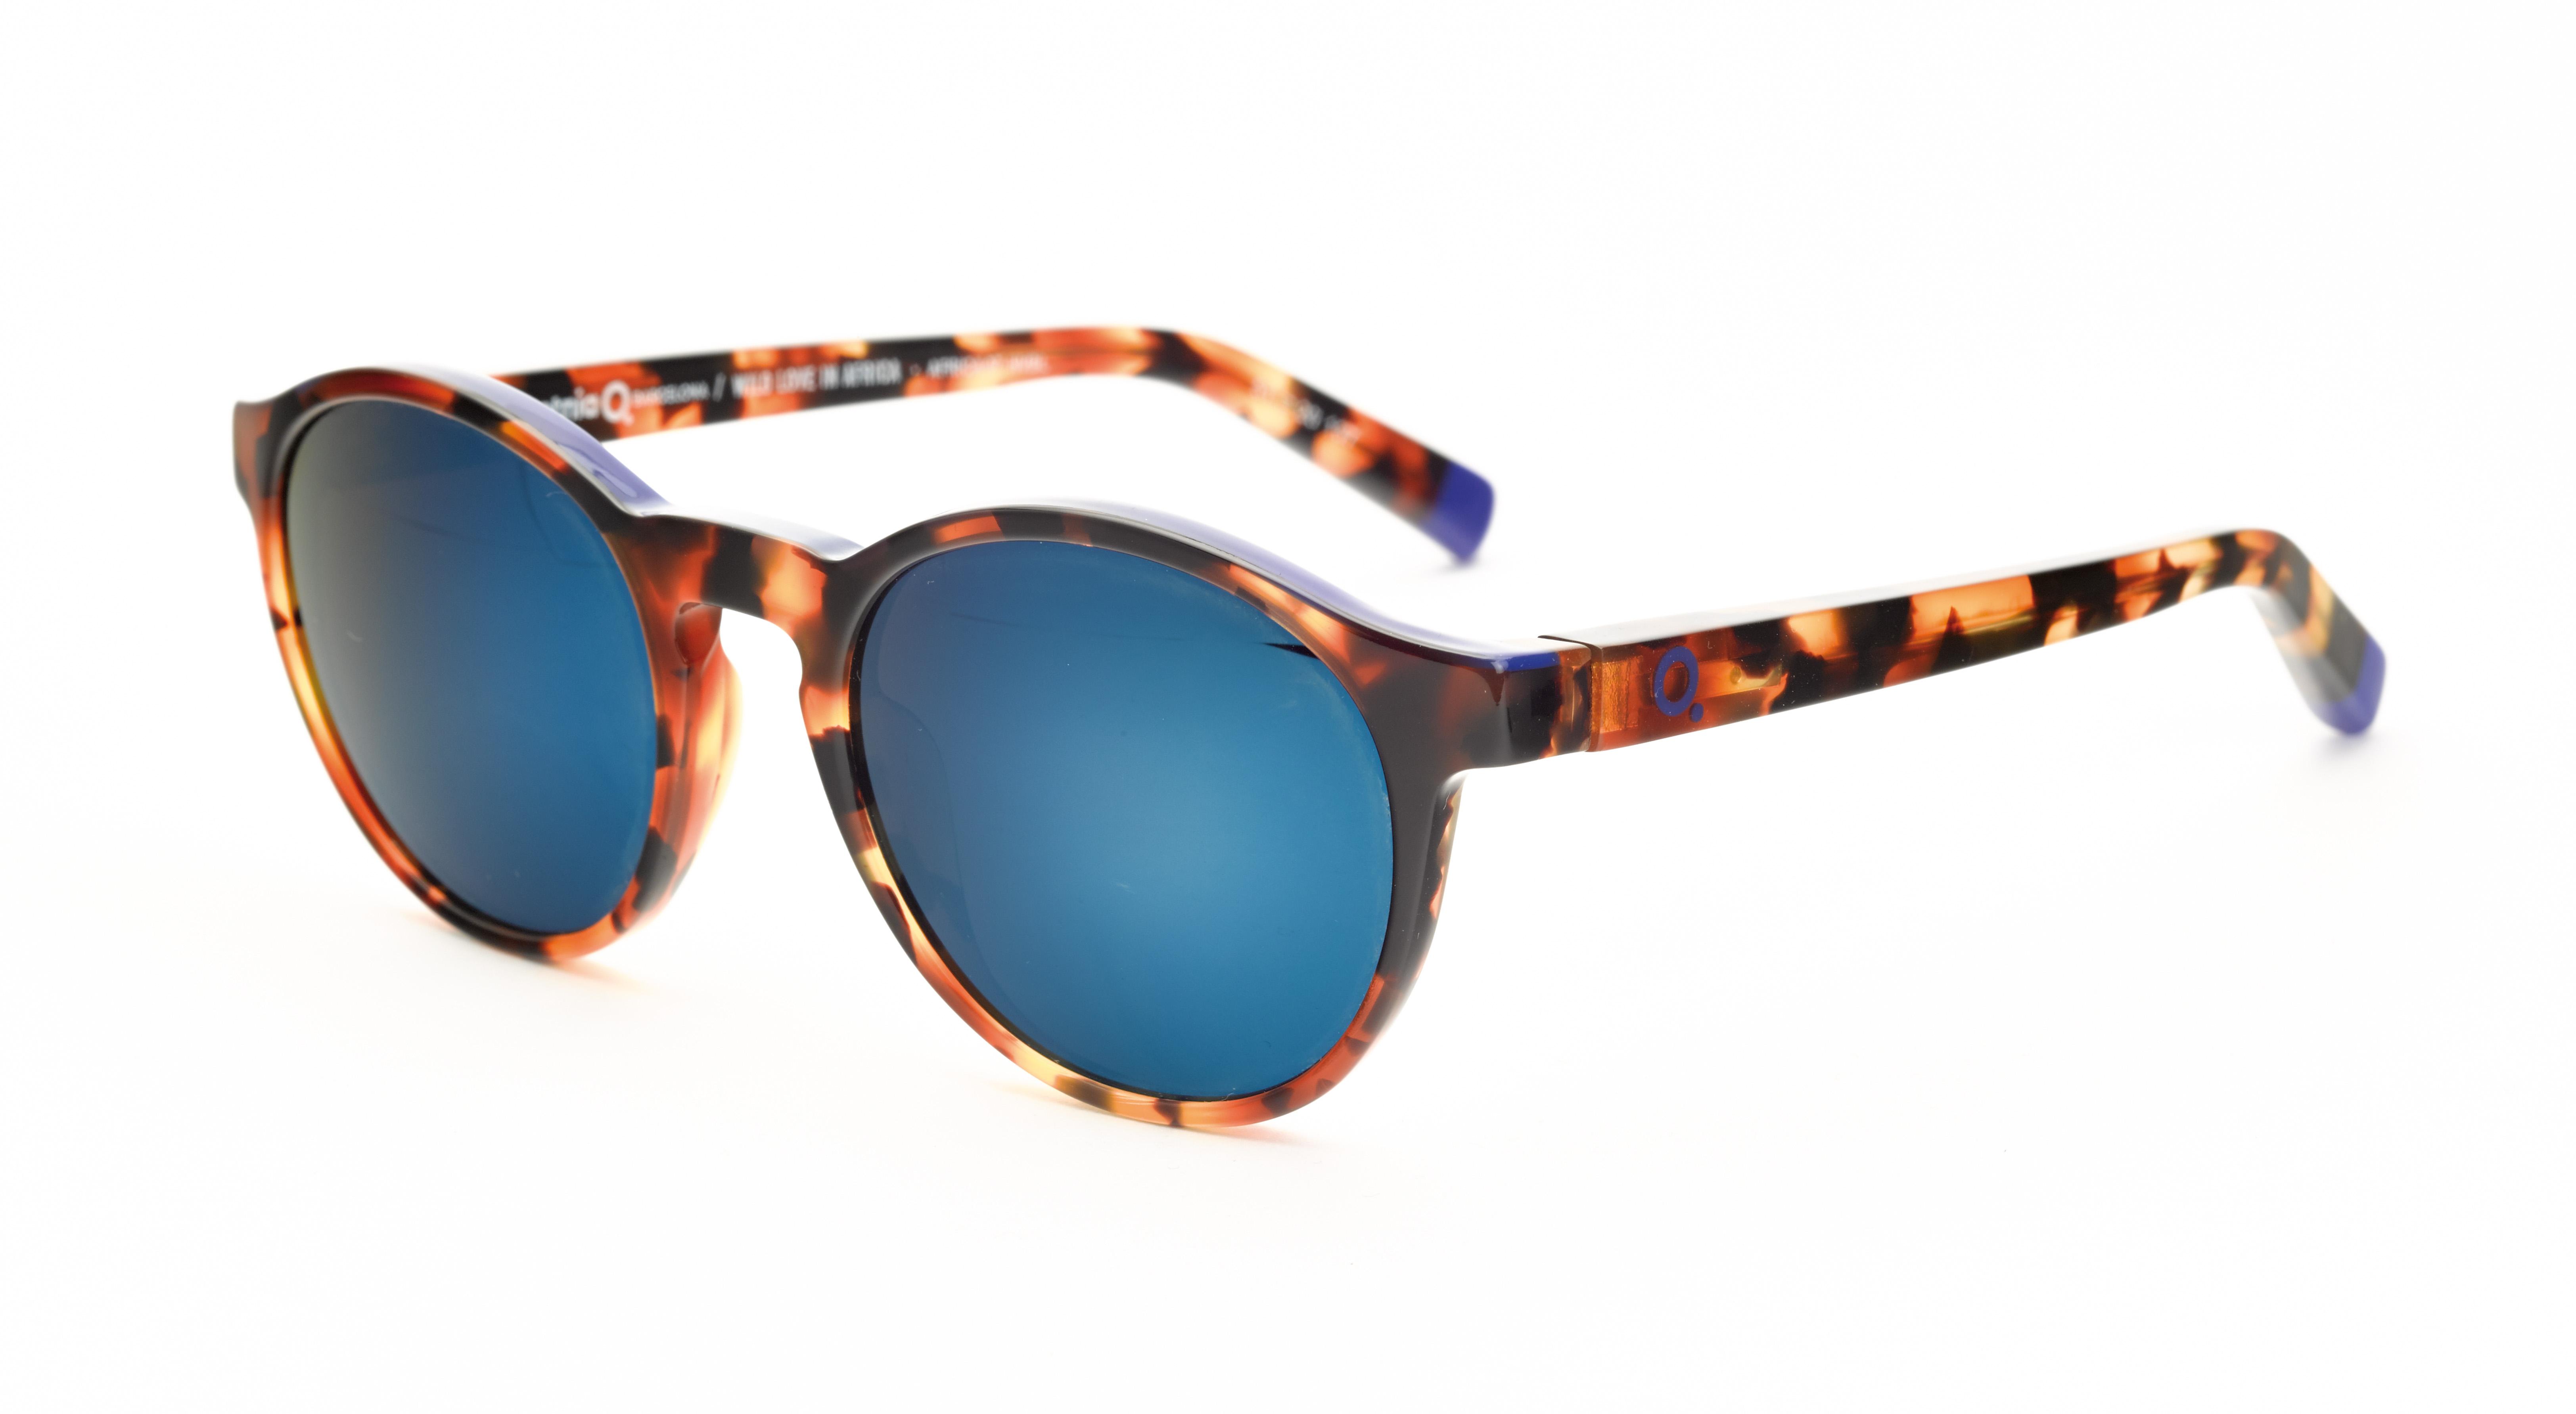 7a5800934abc9 Lunettes de soleil avec verres miroir Etnia Barcelona - 20 lunettes de soleil  miroir pour passer un été stylé - Elle